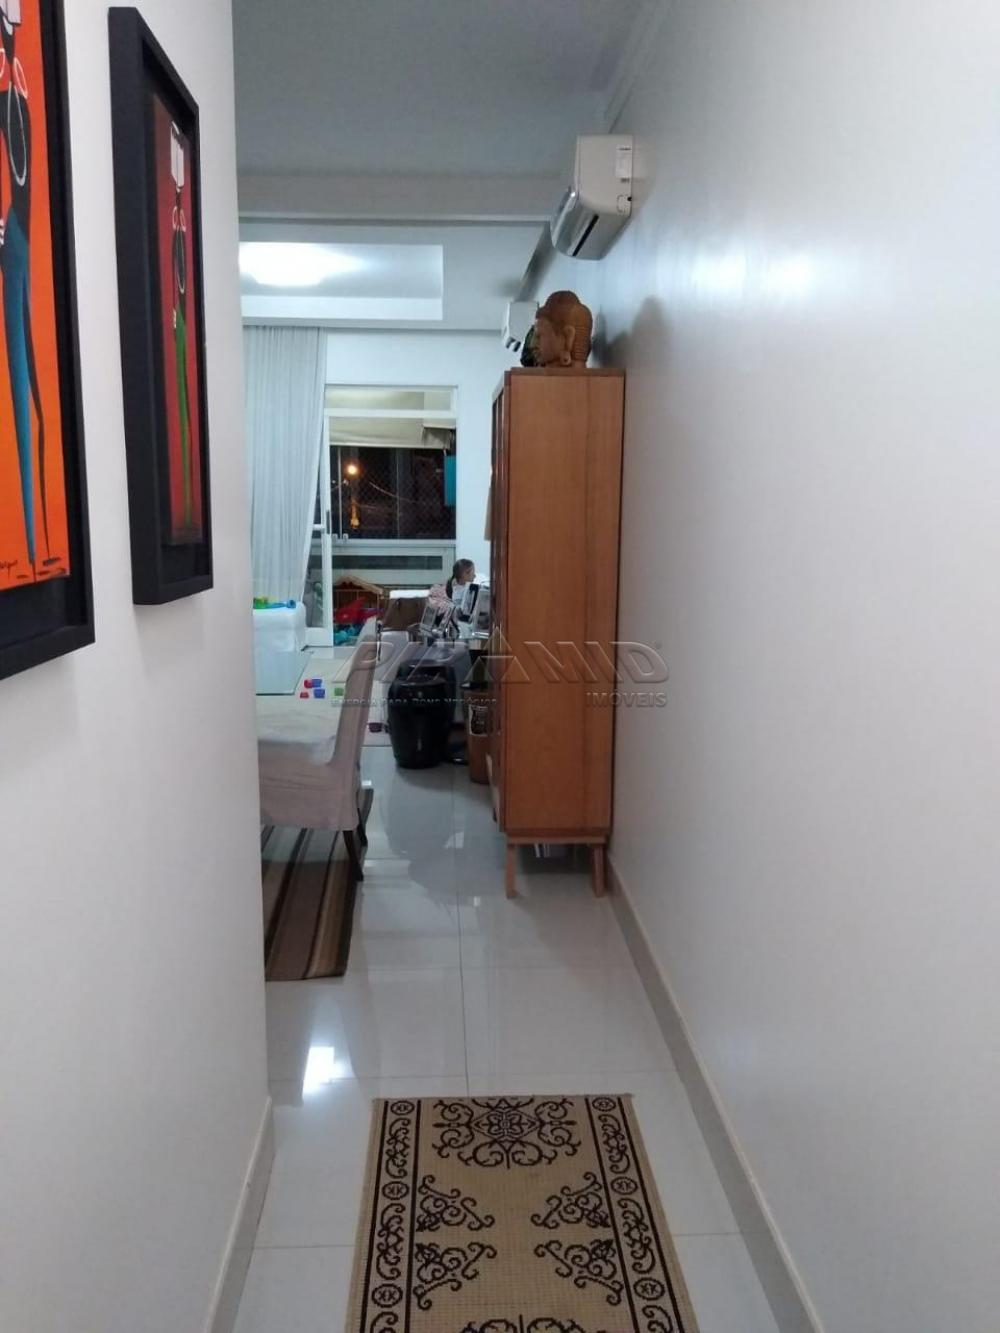 Comprar Apartamento / Padrão em Ribeirão Preto R$ 397.000,00 - Foto 3